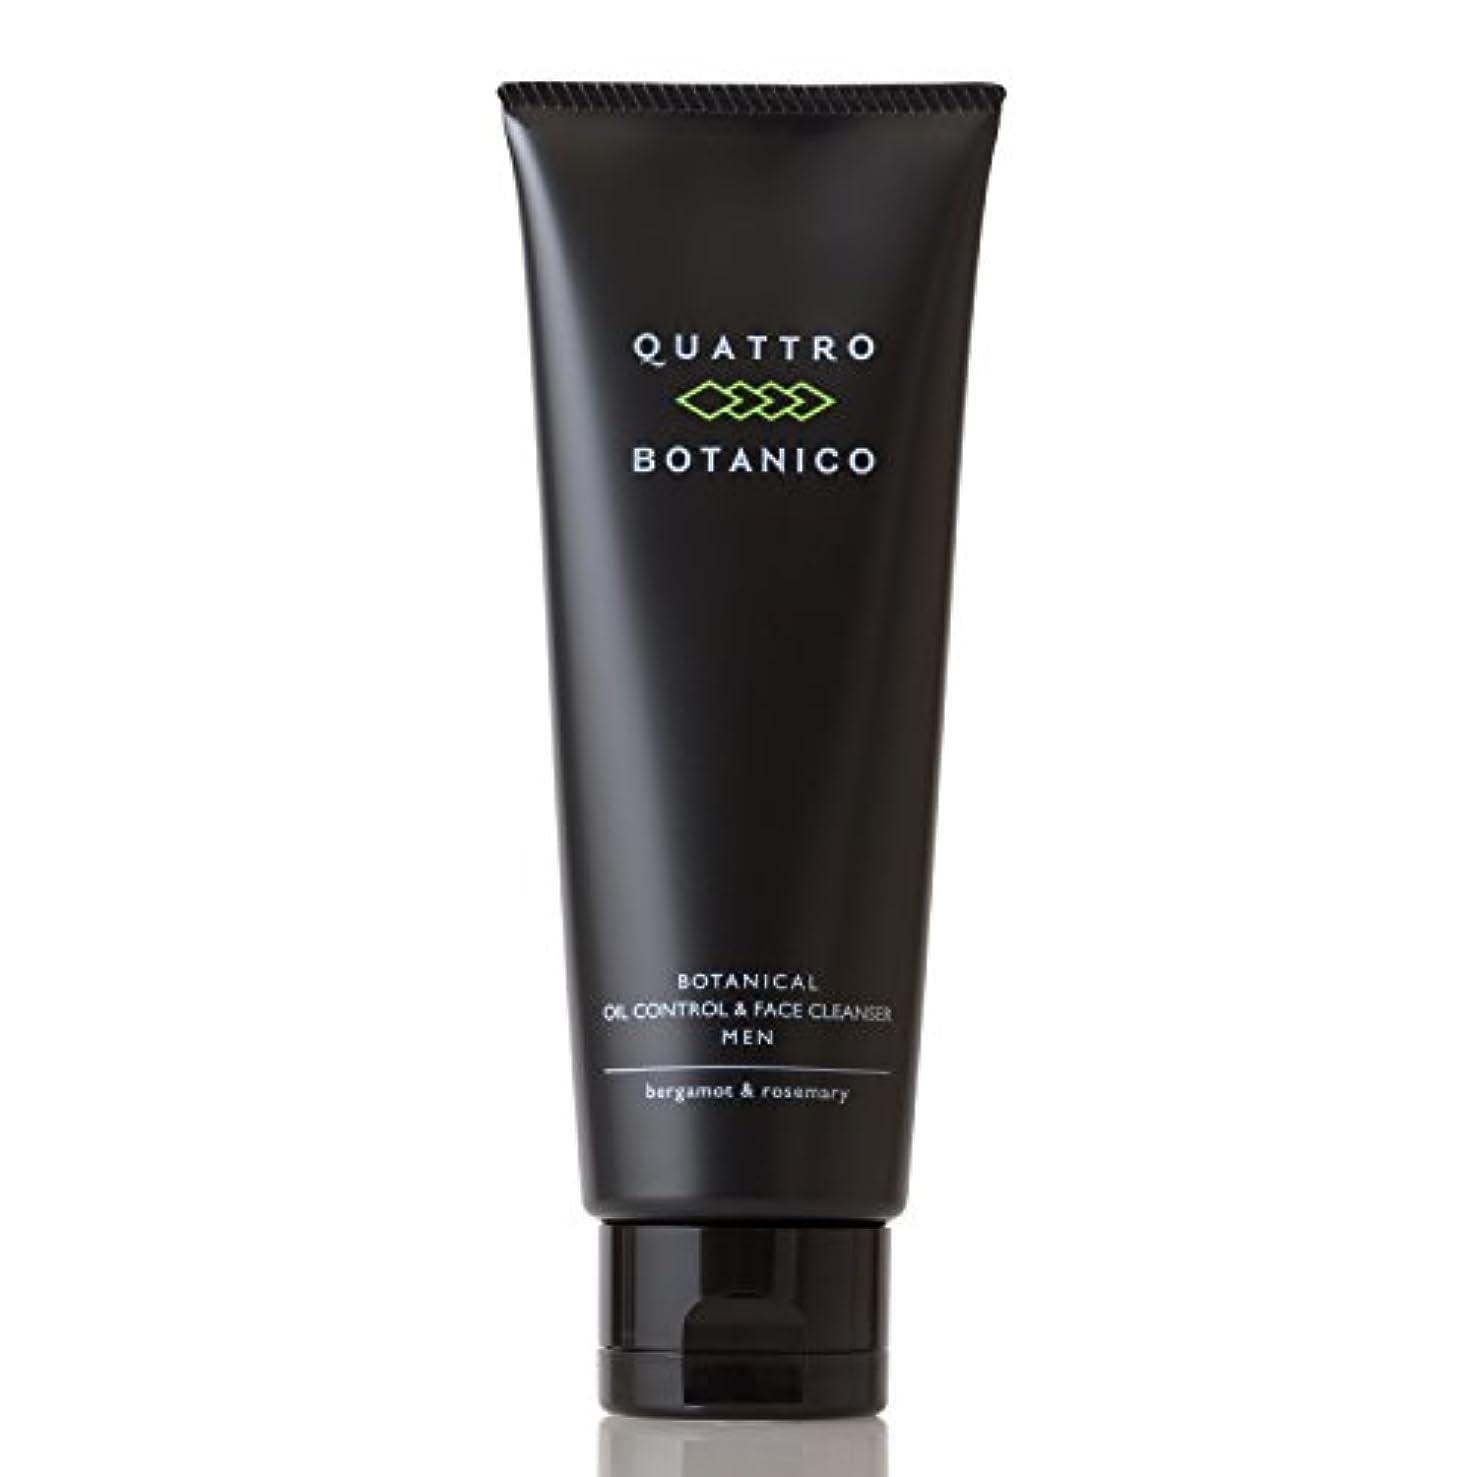 複合うなずくプレゼンテーションクワトロボタニコ (QUATTRO BOTANICO) 【 メンズ 洗顔 】 ボタニカル オイルコントロール & フェイスクレンザー (男性 スキンケア) 男性用 洗顔クリーム 男 皮脂 テカリ